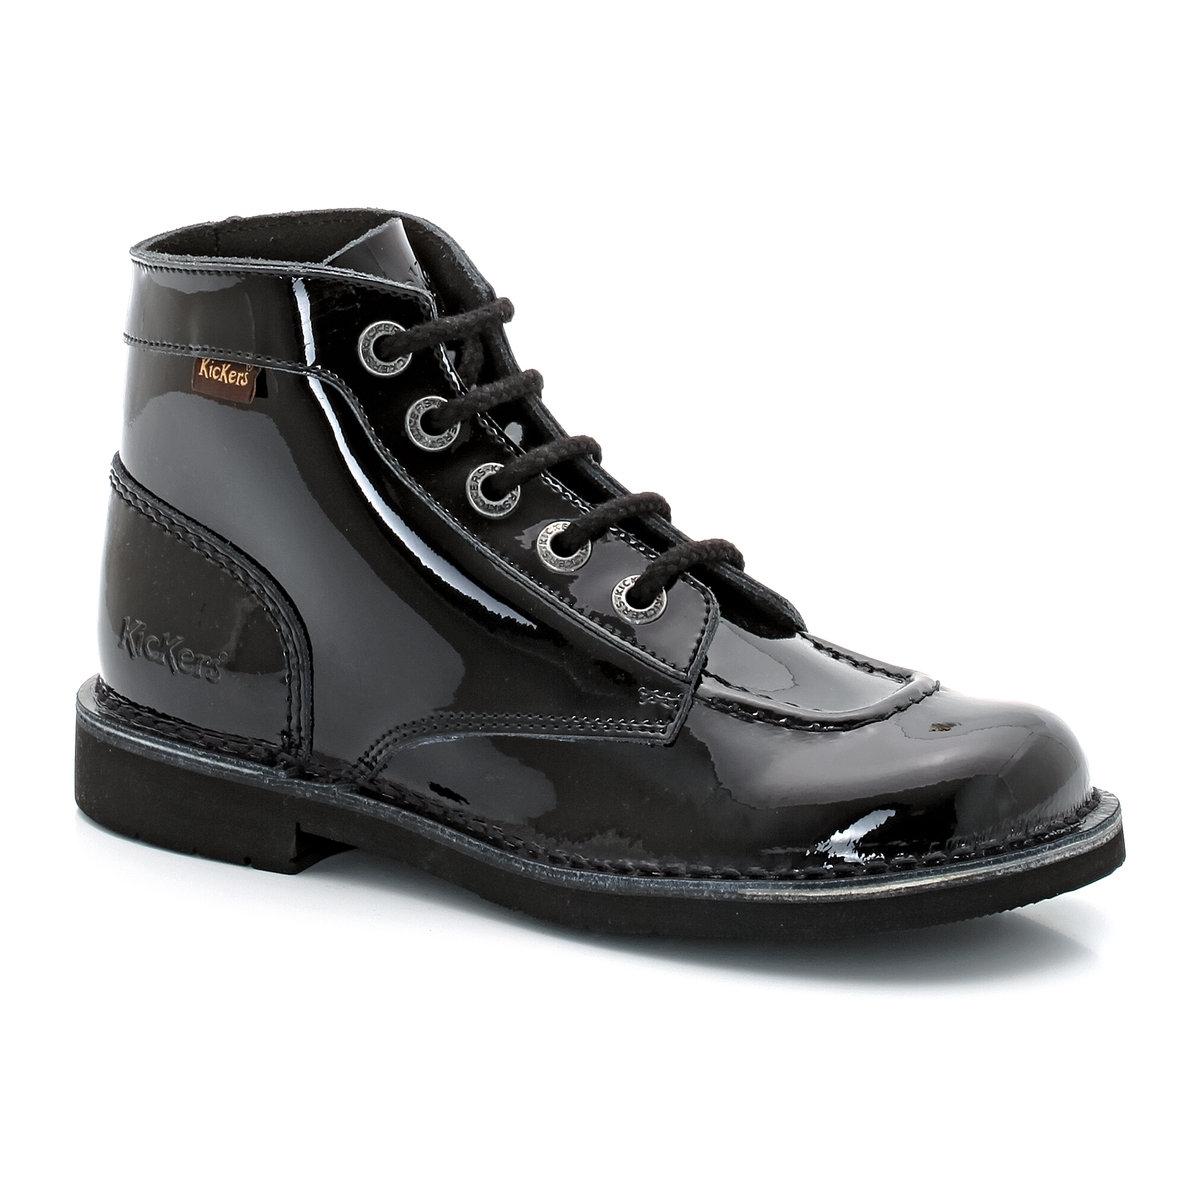 Ботинки Kick Col PermБотинки Kick Col Perm от KICKERSВерх : лакированная кожаПодкладка : шнуровкаСтелька : кожа Подошва : каучук.Высота каблука : 8 см<br><br>Цвет: Черный лак<br>Размер: 36.37